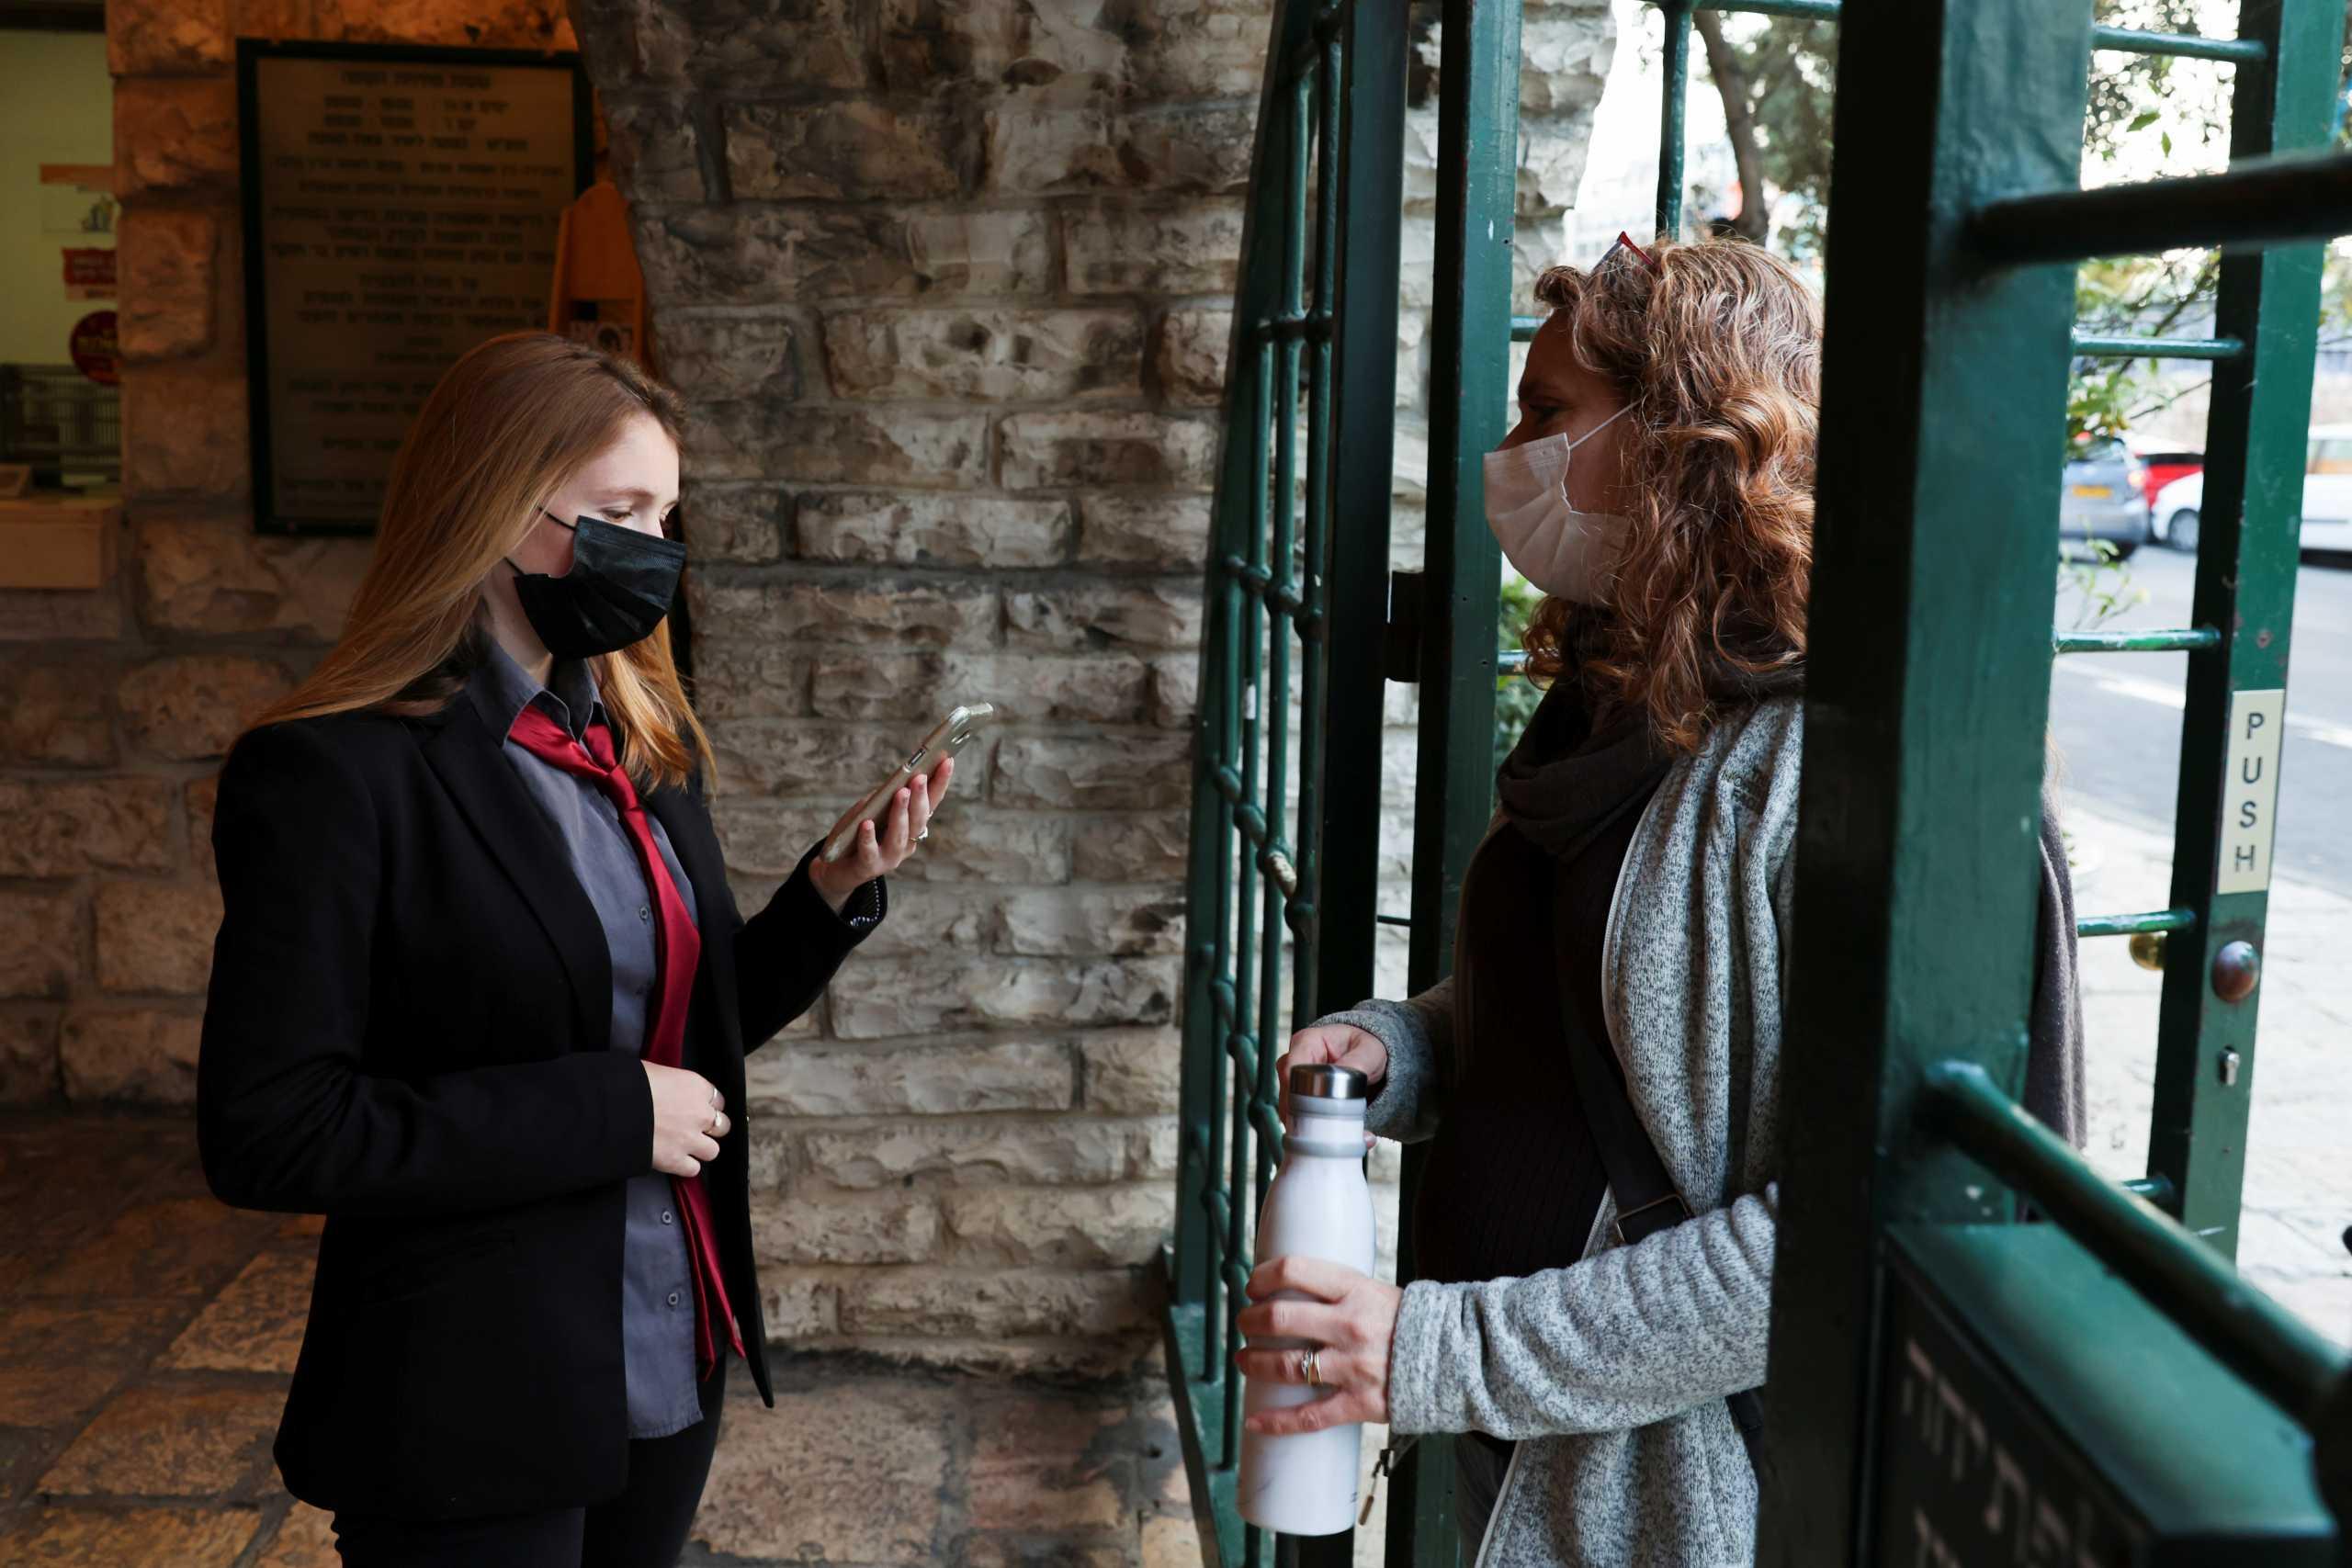 Απαγορεύτηκε η χρήση κινητού για την ιχνιλάτηση φορέων κορονοϊού